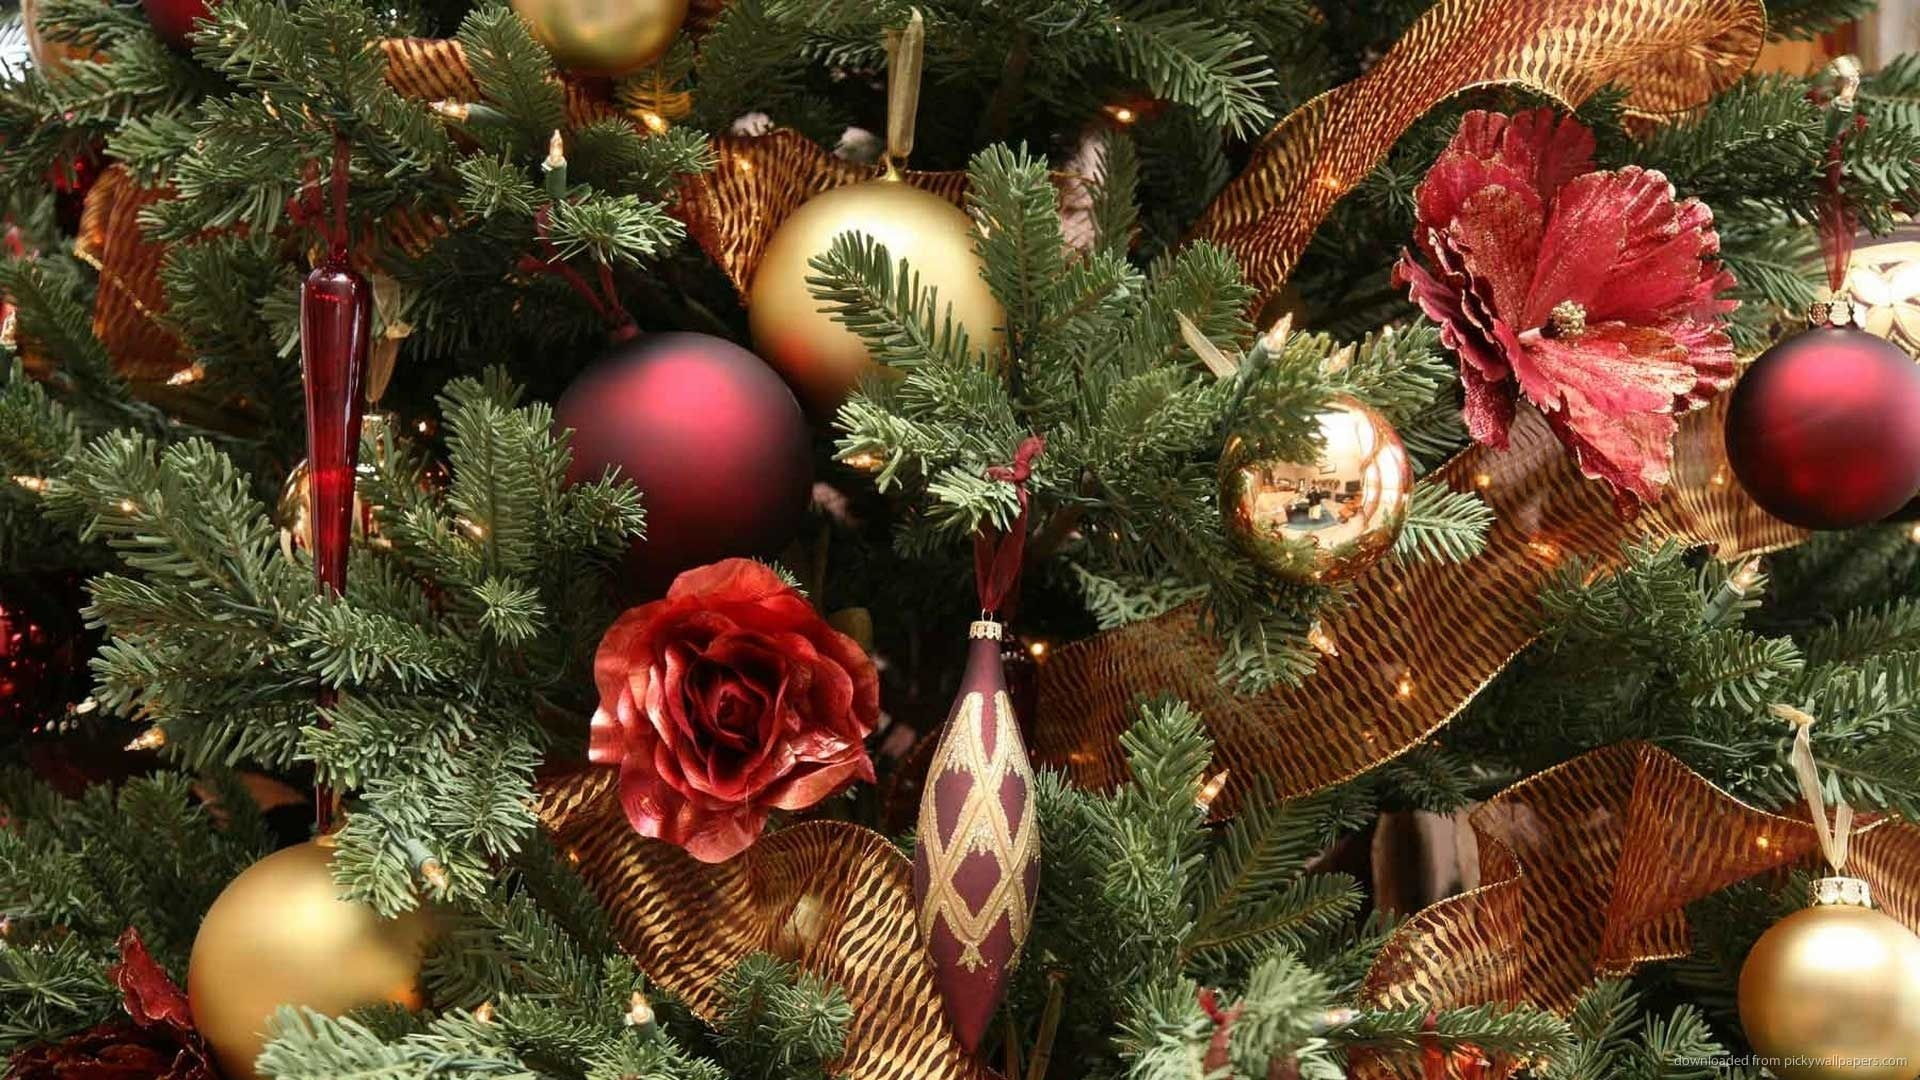 dekor/krasnye-novogodnie-shary-v-stile-provans-16.jpg